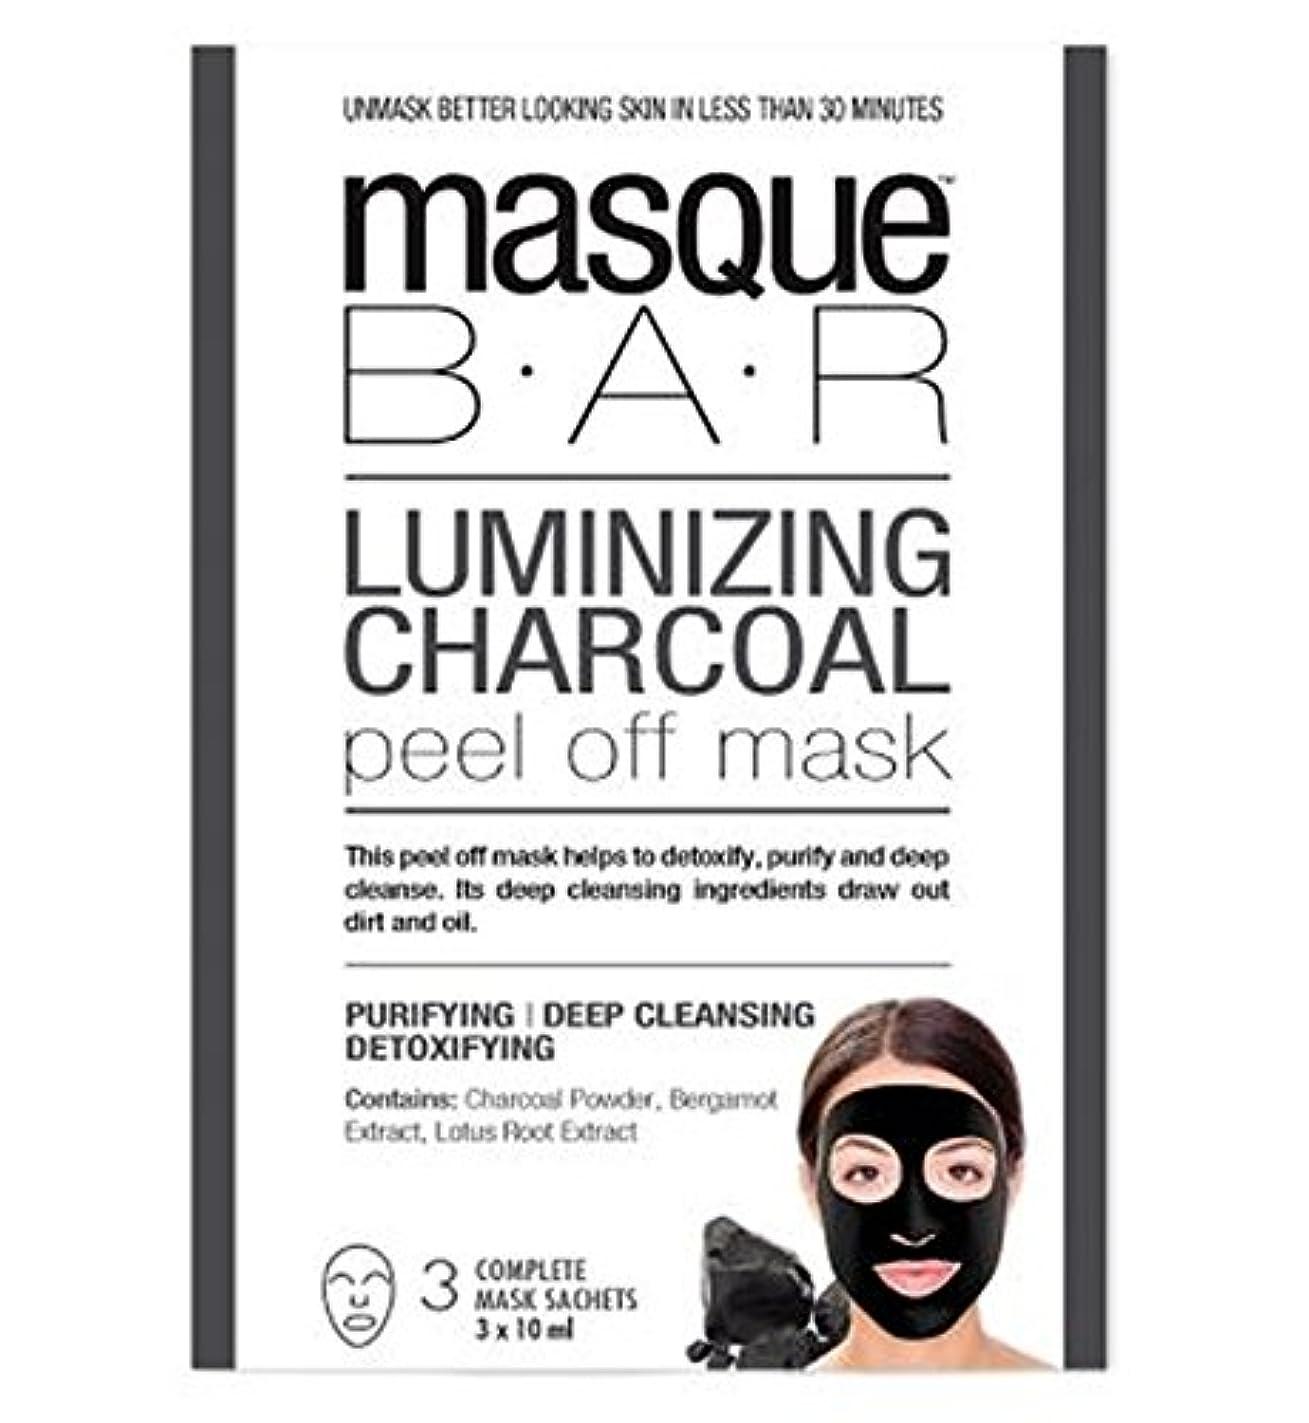 冷蔵する意気揚々資金[P6B Masque Bar Bt] 仮面バーチャコールはがしマスクをルミナイジング - 3枚のマスク - Masque Bar Luminizing Charcoal Peel Off Mask - 3 Masks...